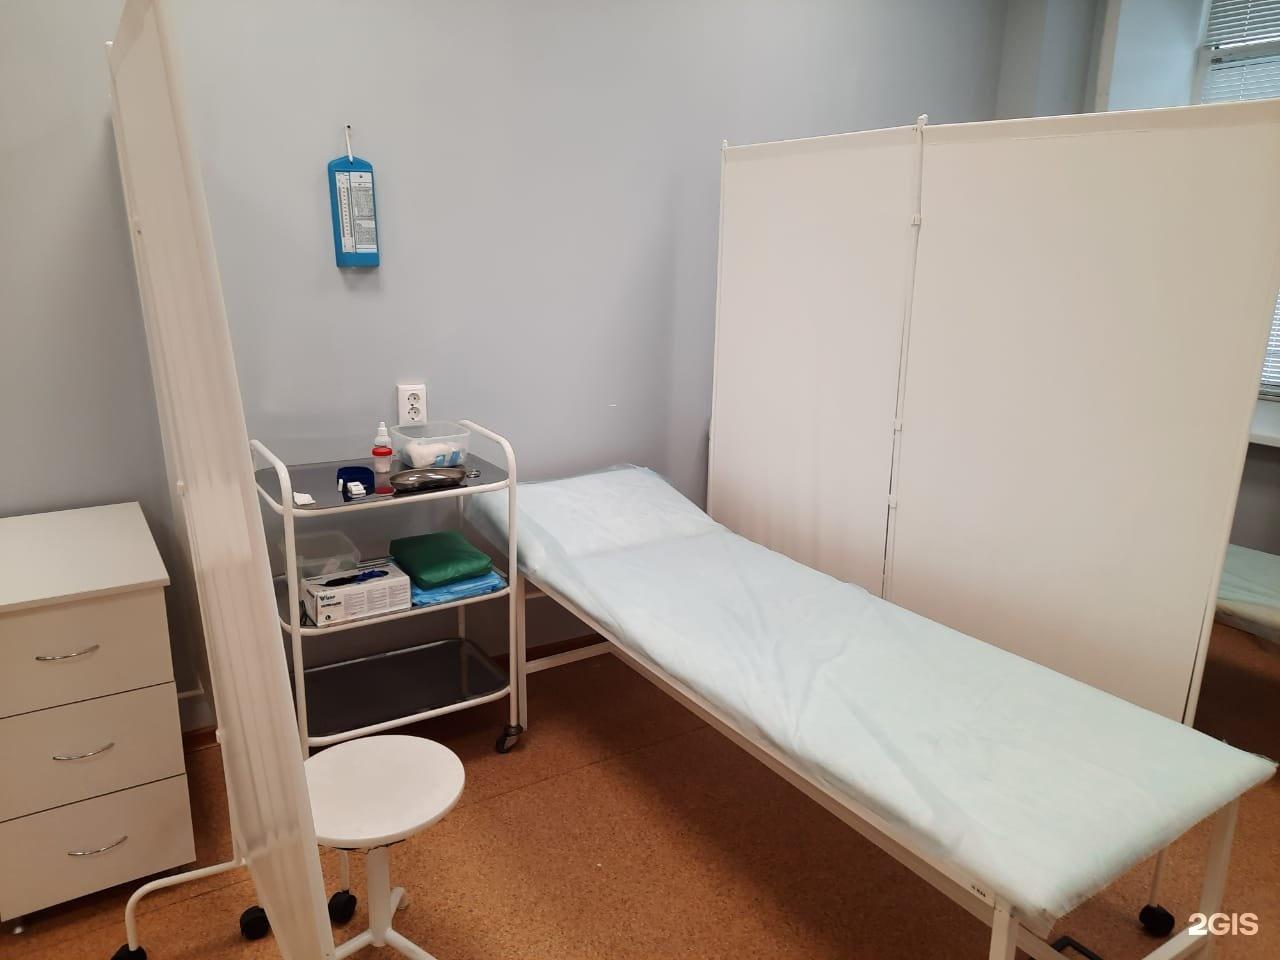 Наркологическая клиника минеева в казани назаровская наркология